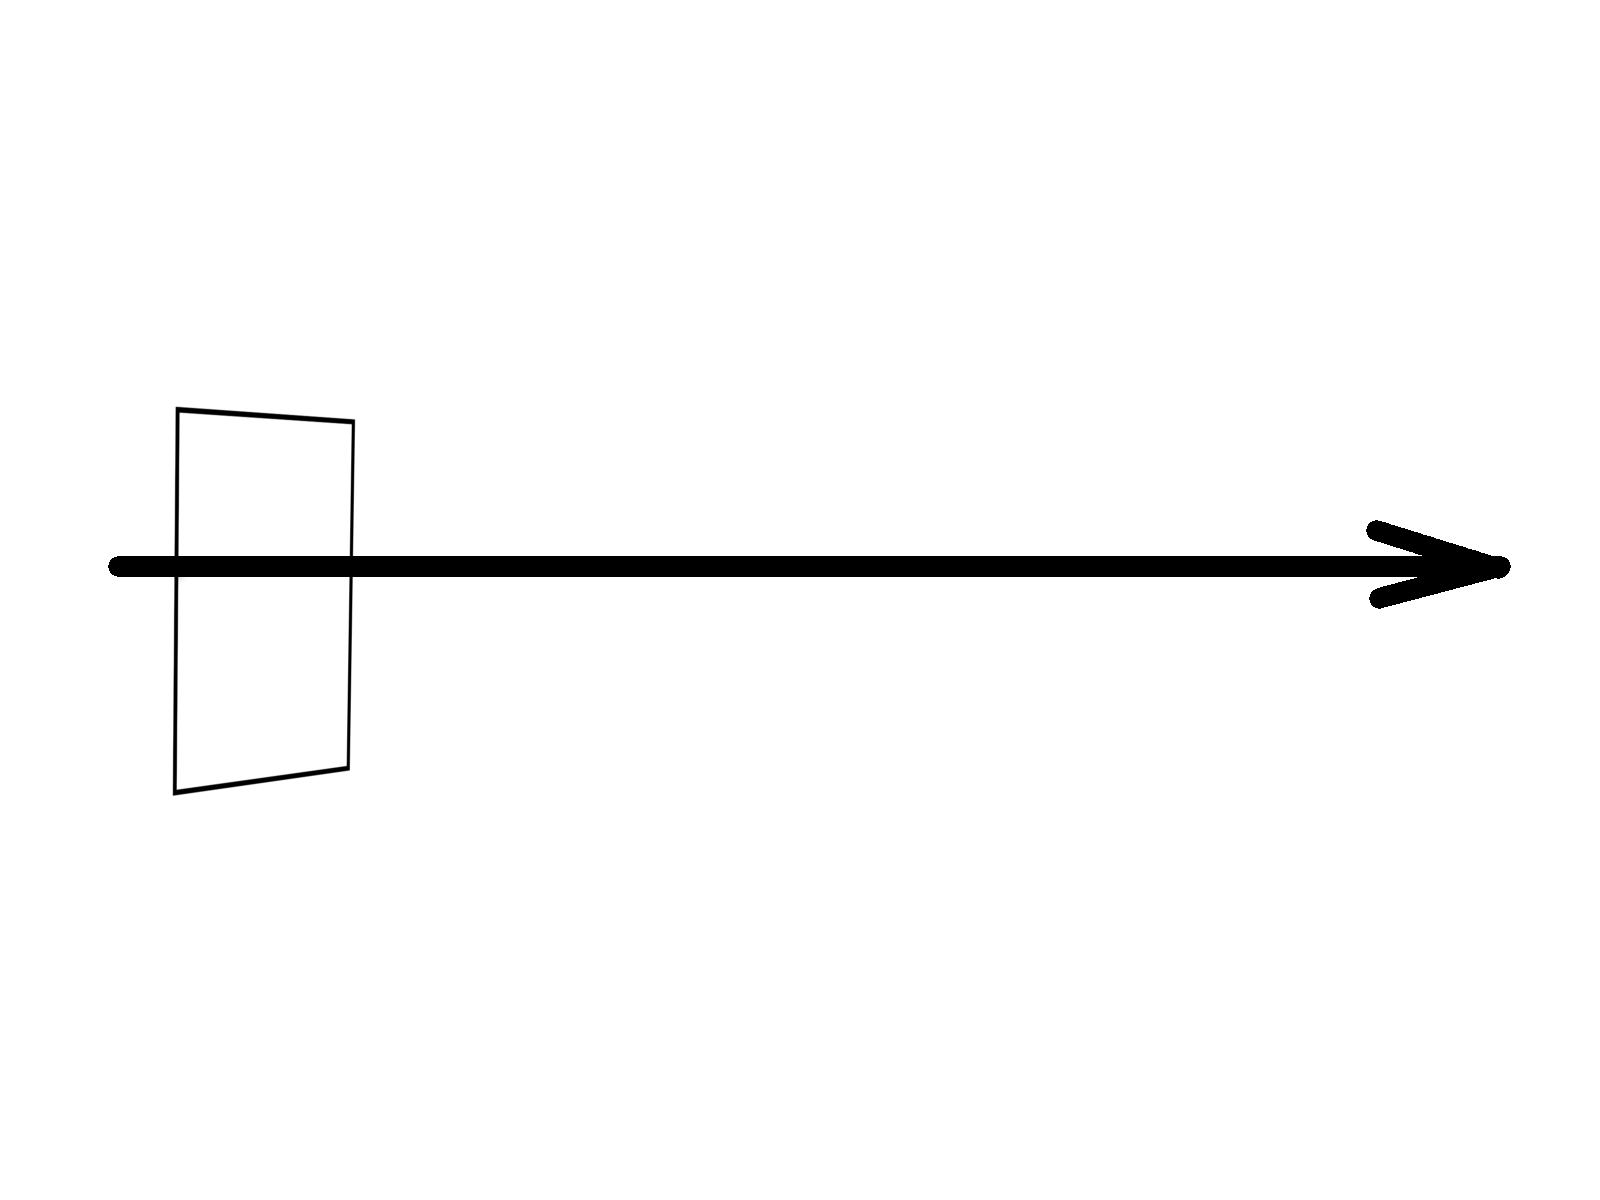 Elektromagnateické vlnění se může rozkmitat pouze v této rovině, která je kolmá na směr šíření vlny.